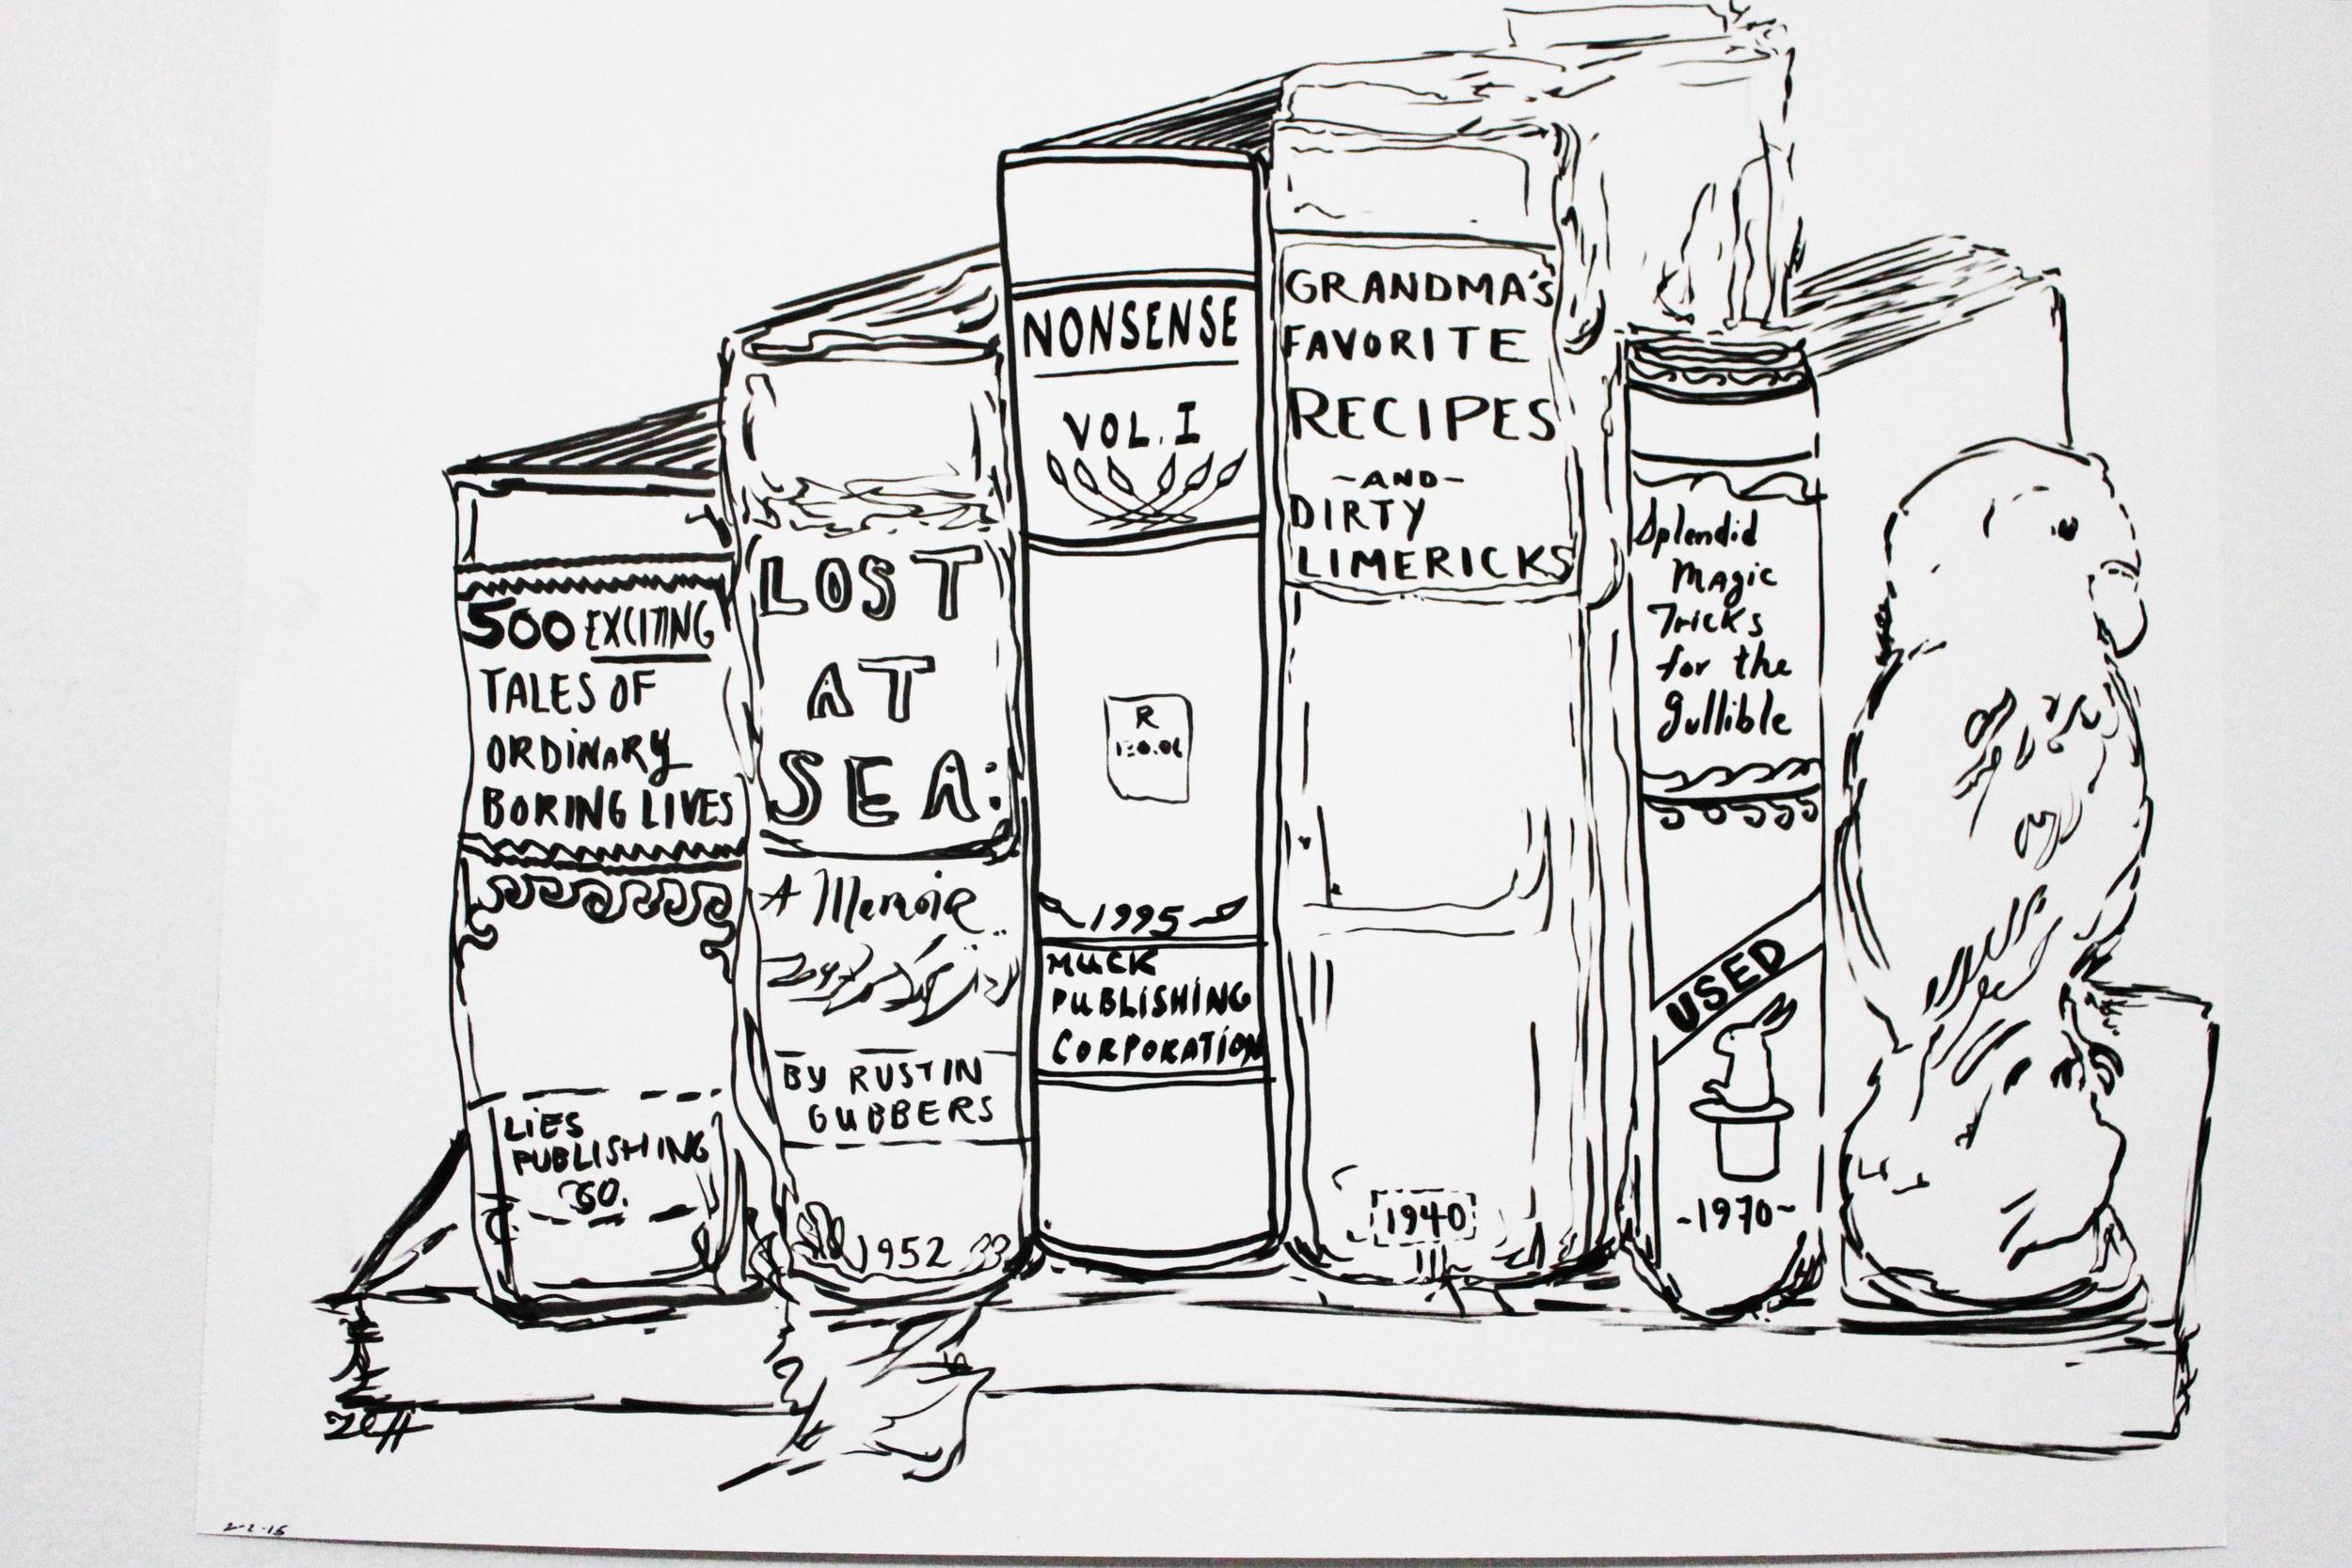 Imaginary Bookshelf